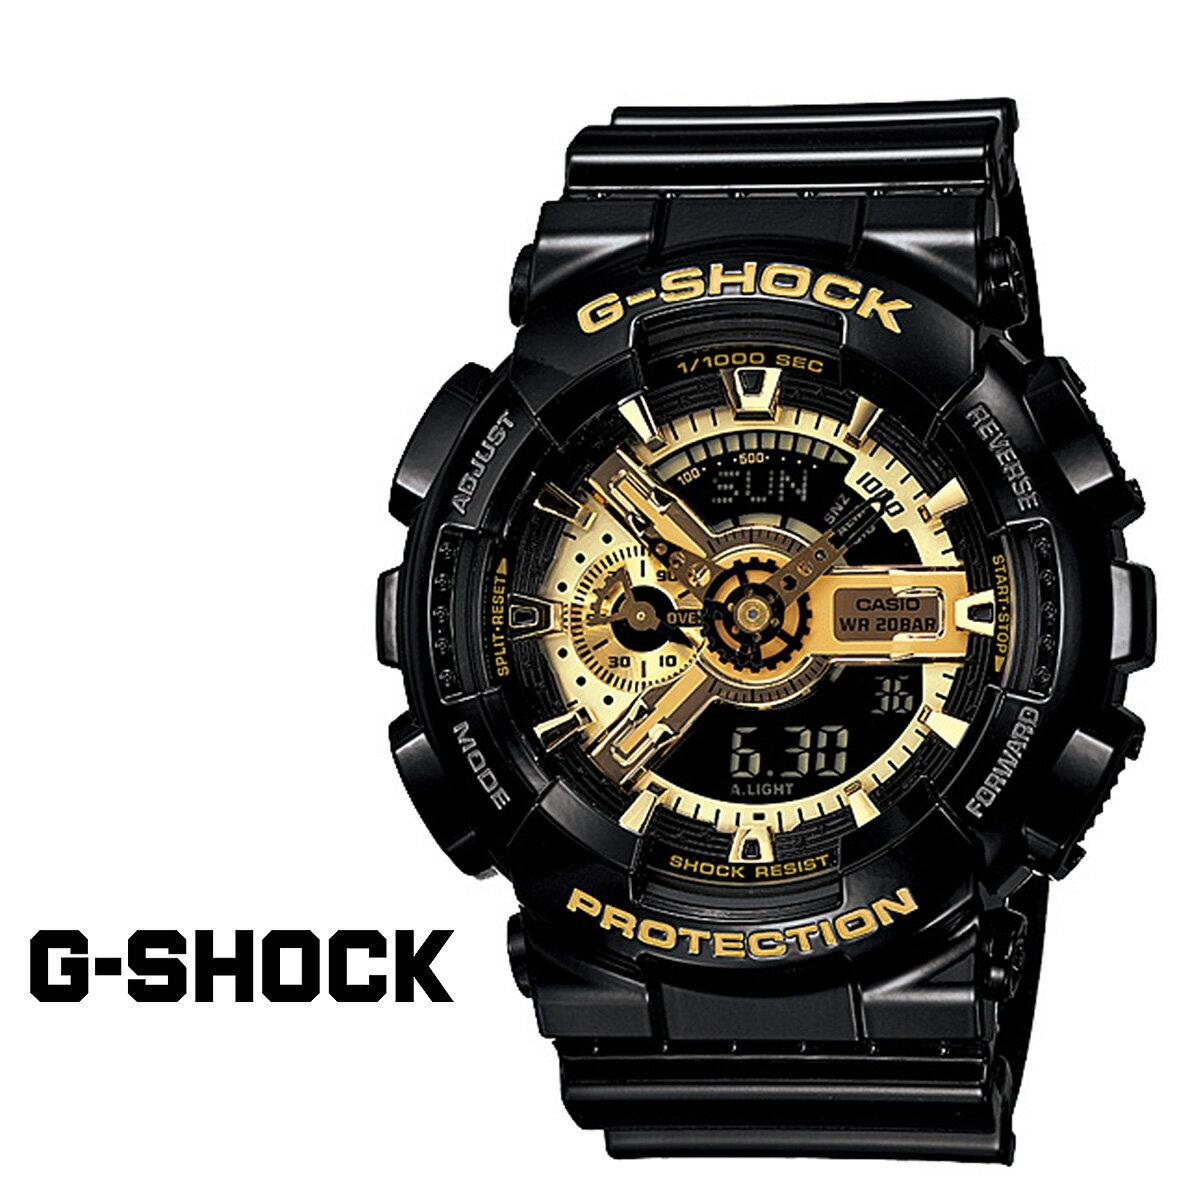 カシオ CASIO G-SHOCK 腕時計 GA-110GB-1AJF BLACK GOLD SERIES Gショック G-ショック ブラック ゴールド メンズ レディース [1/17 再入荷]